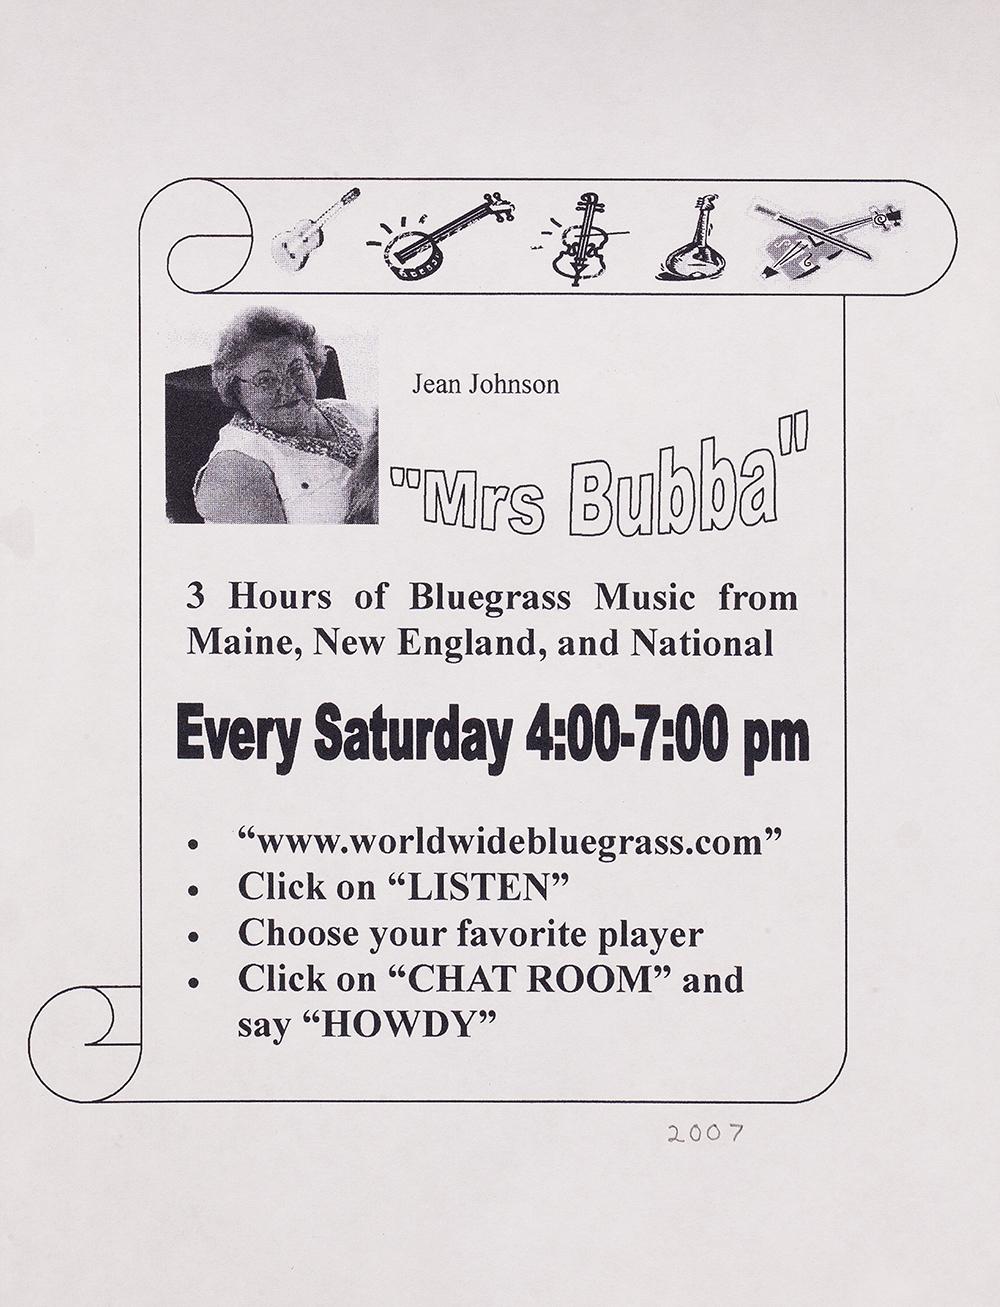 BIOG-1700, Mrs. Bubba-Jean Johnson, 2007